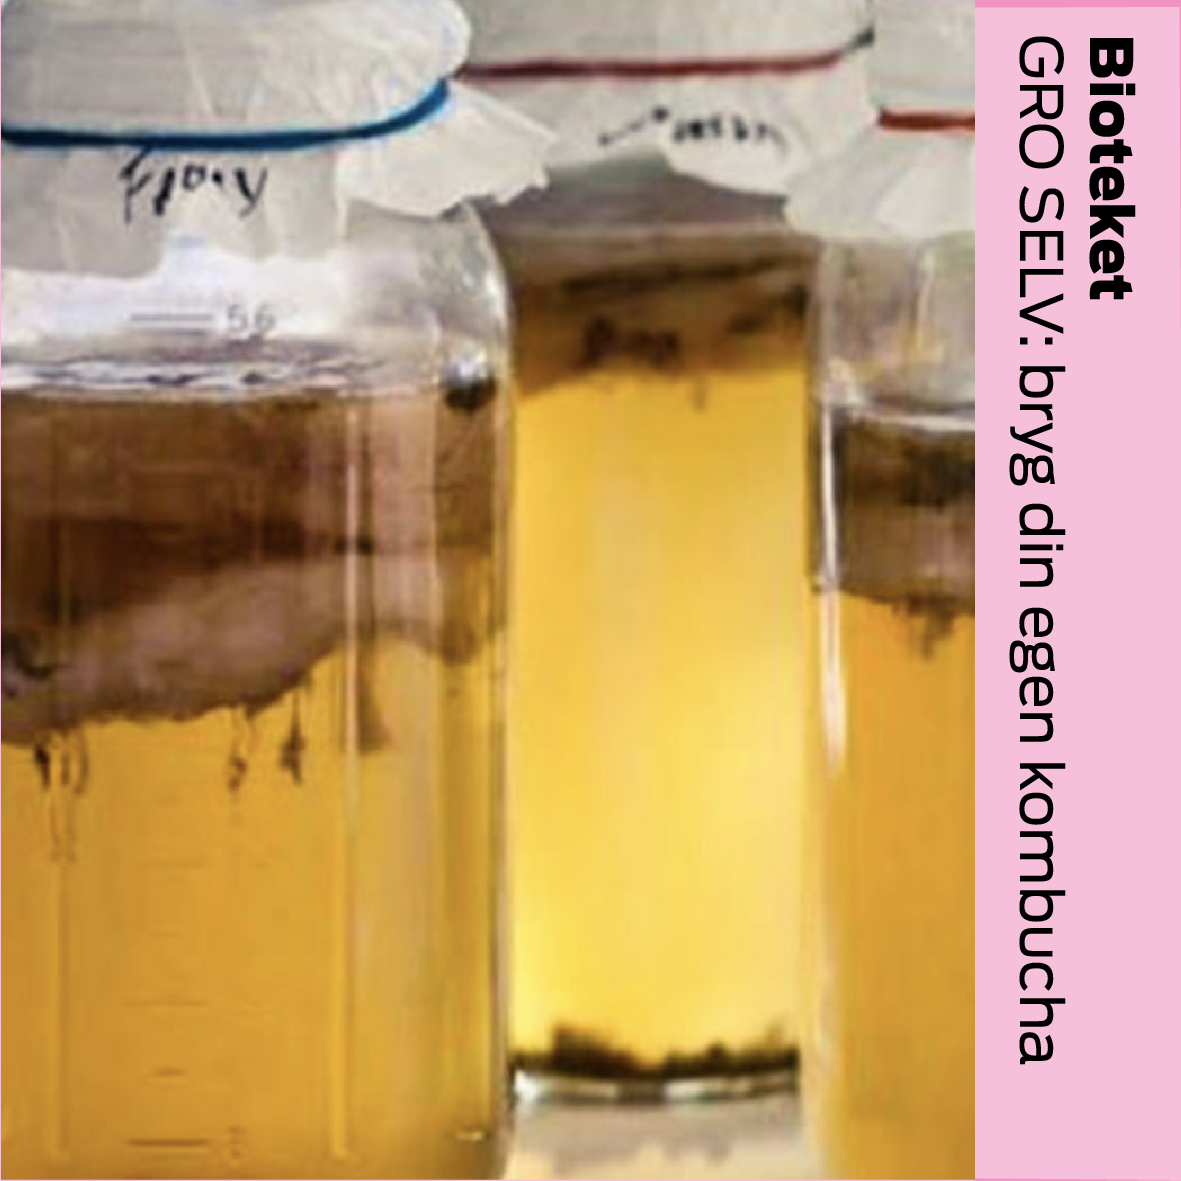 Bioteket & GRO SELV (DK): Dyrk din egen kombucha / grow your own konbucha